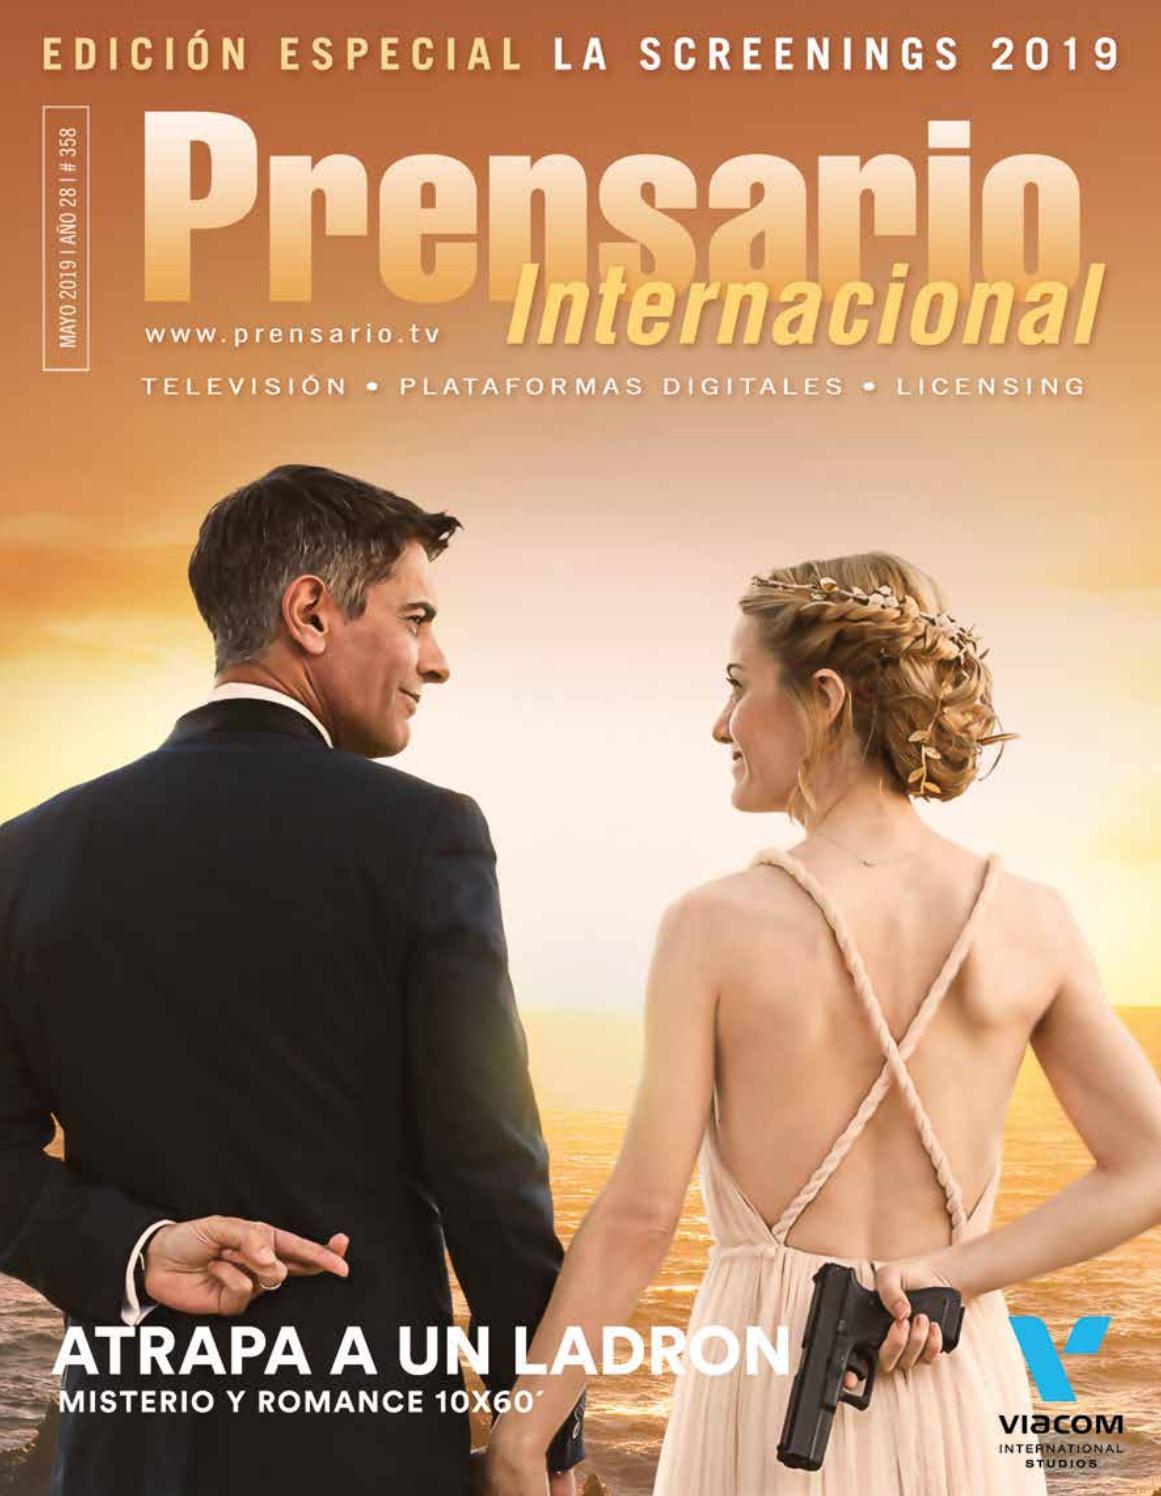 Edición La Screenings 2019 Mayo 2019 By Prensario Issuu